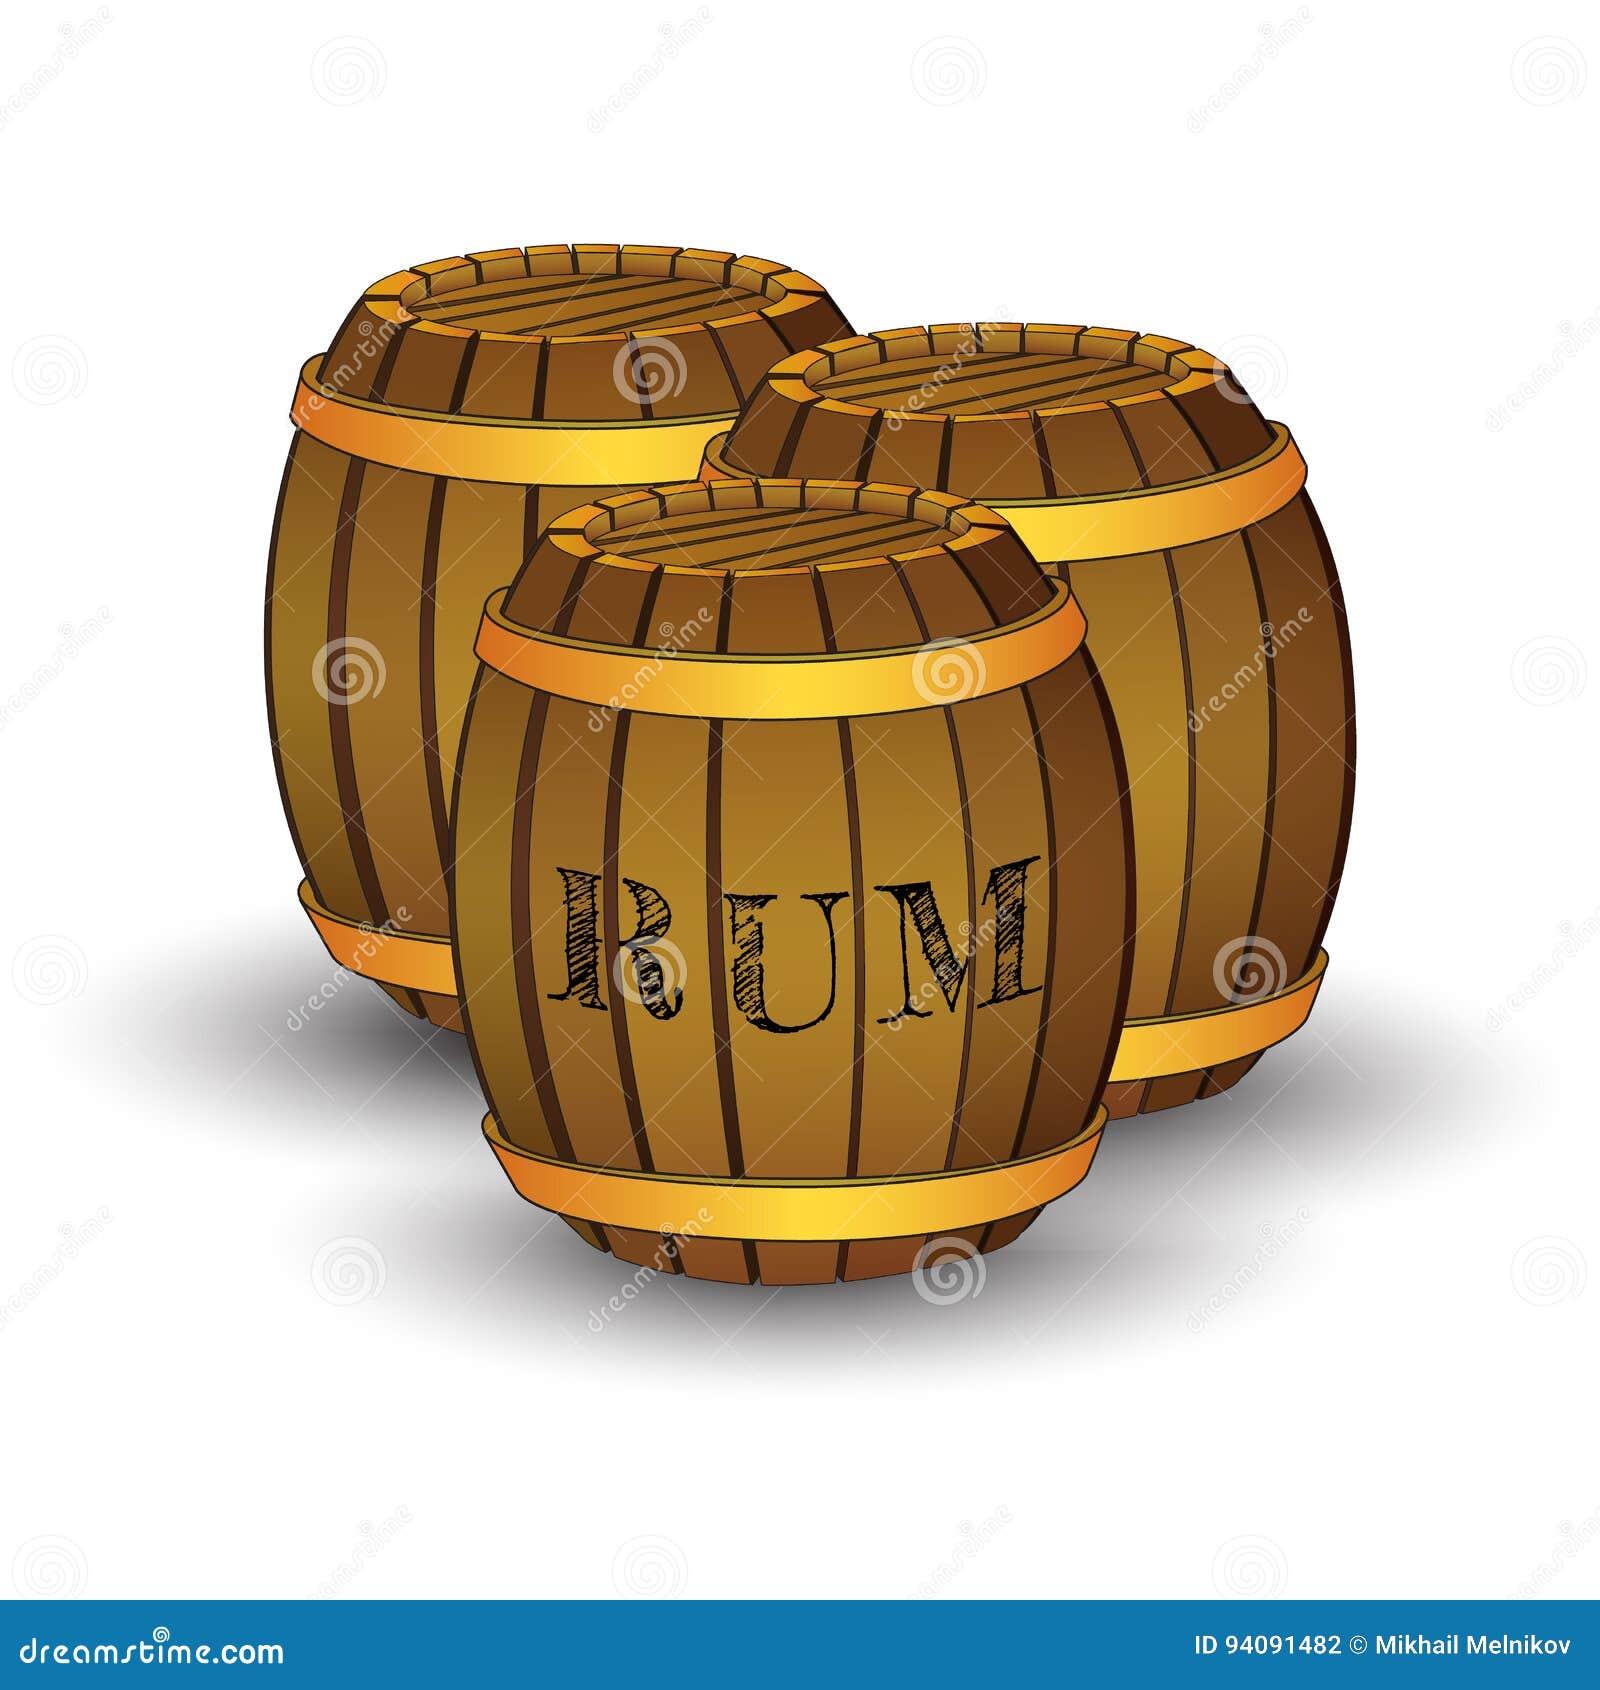 Drie houten vaten met etiket` RUM `